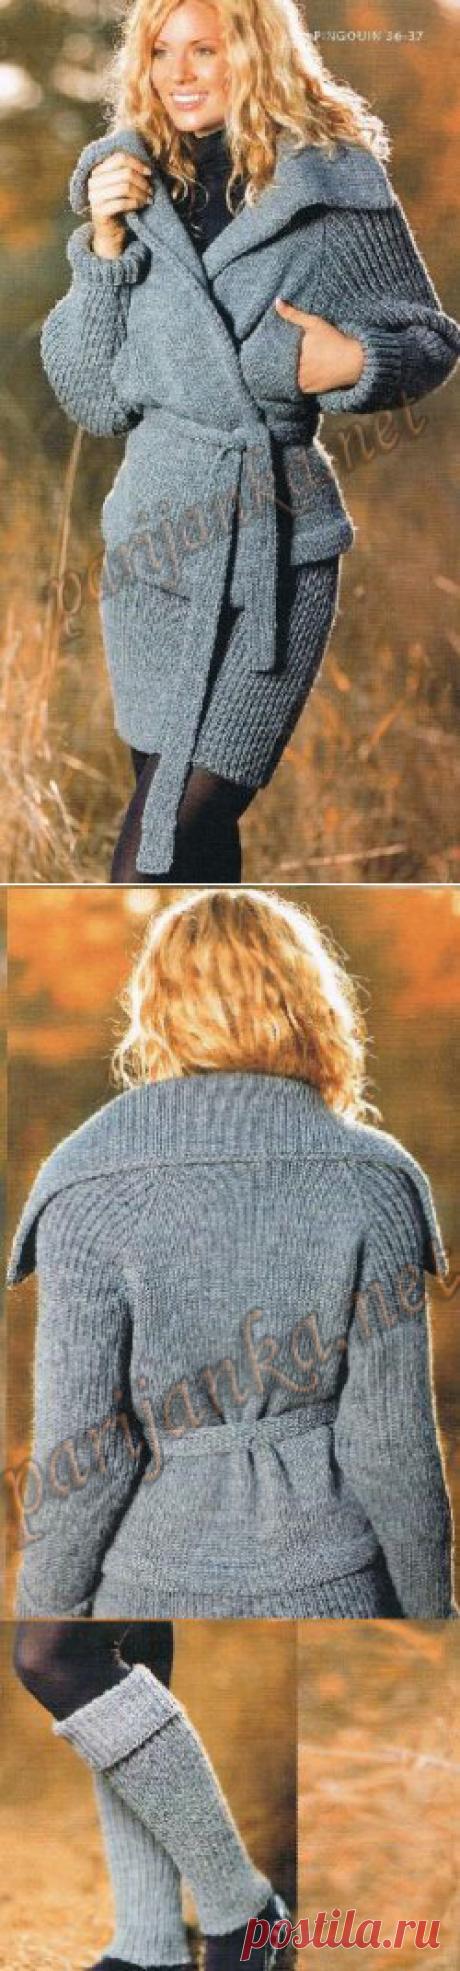 Вязание спицами для женщин Куртка, юбка, гетры